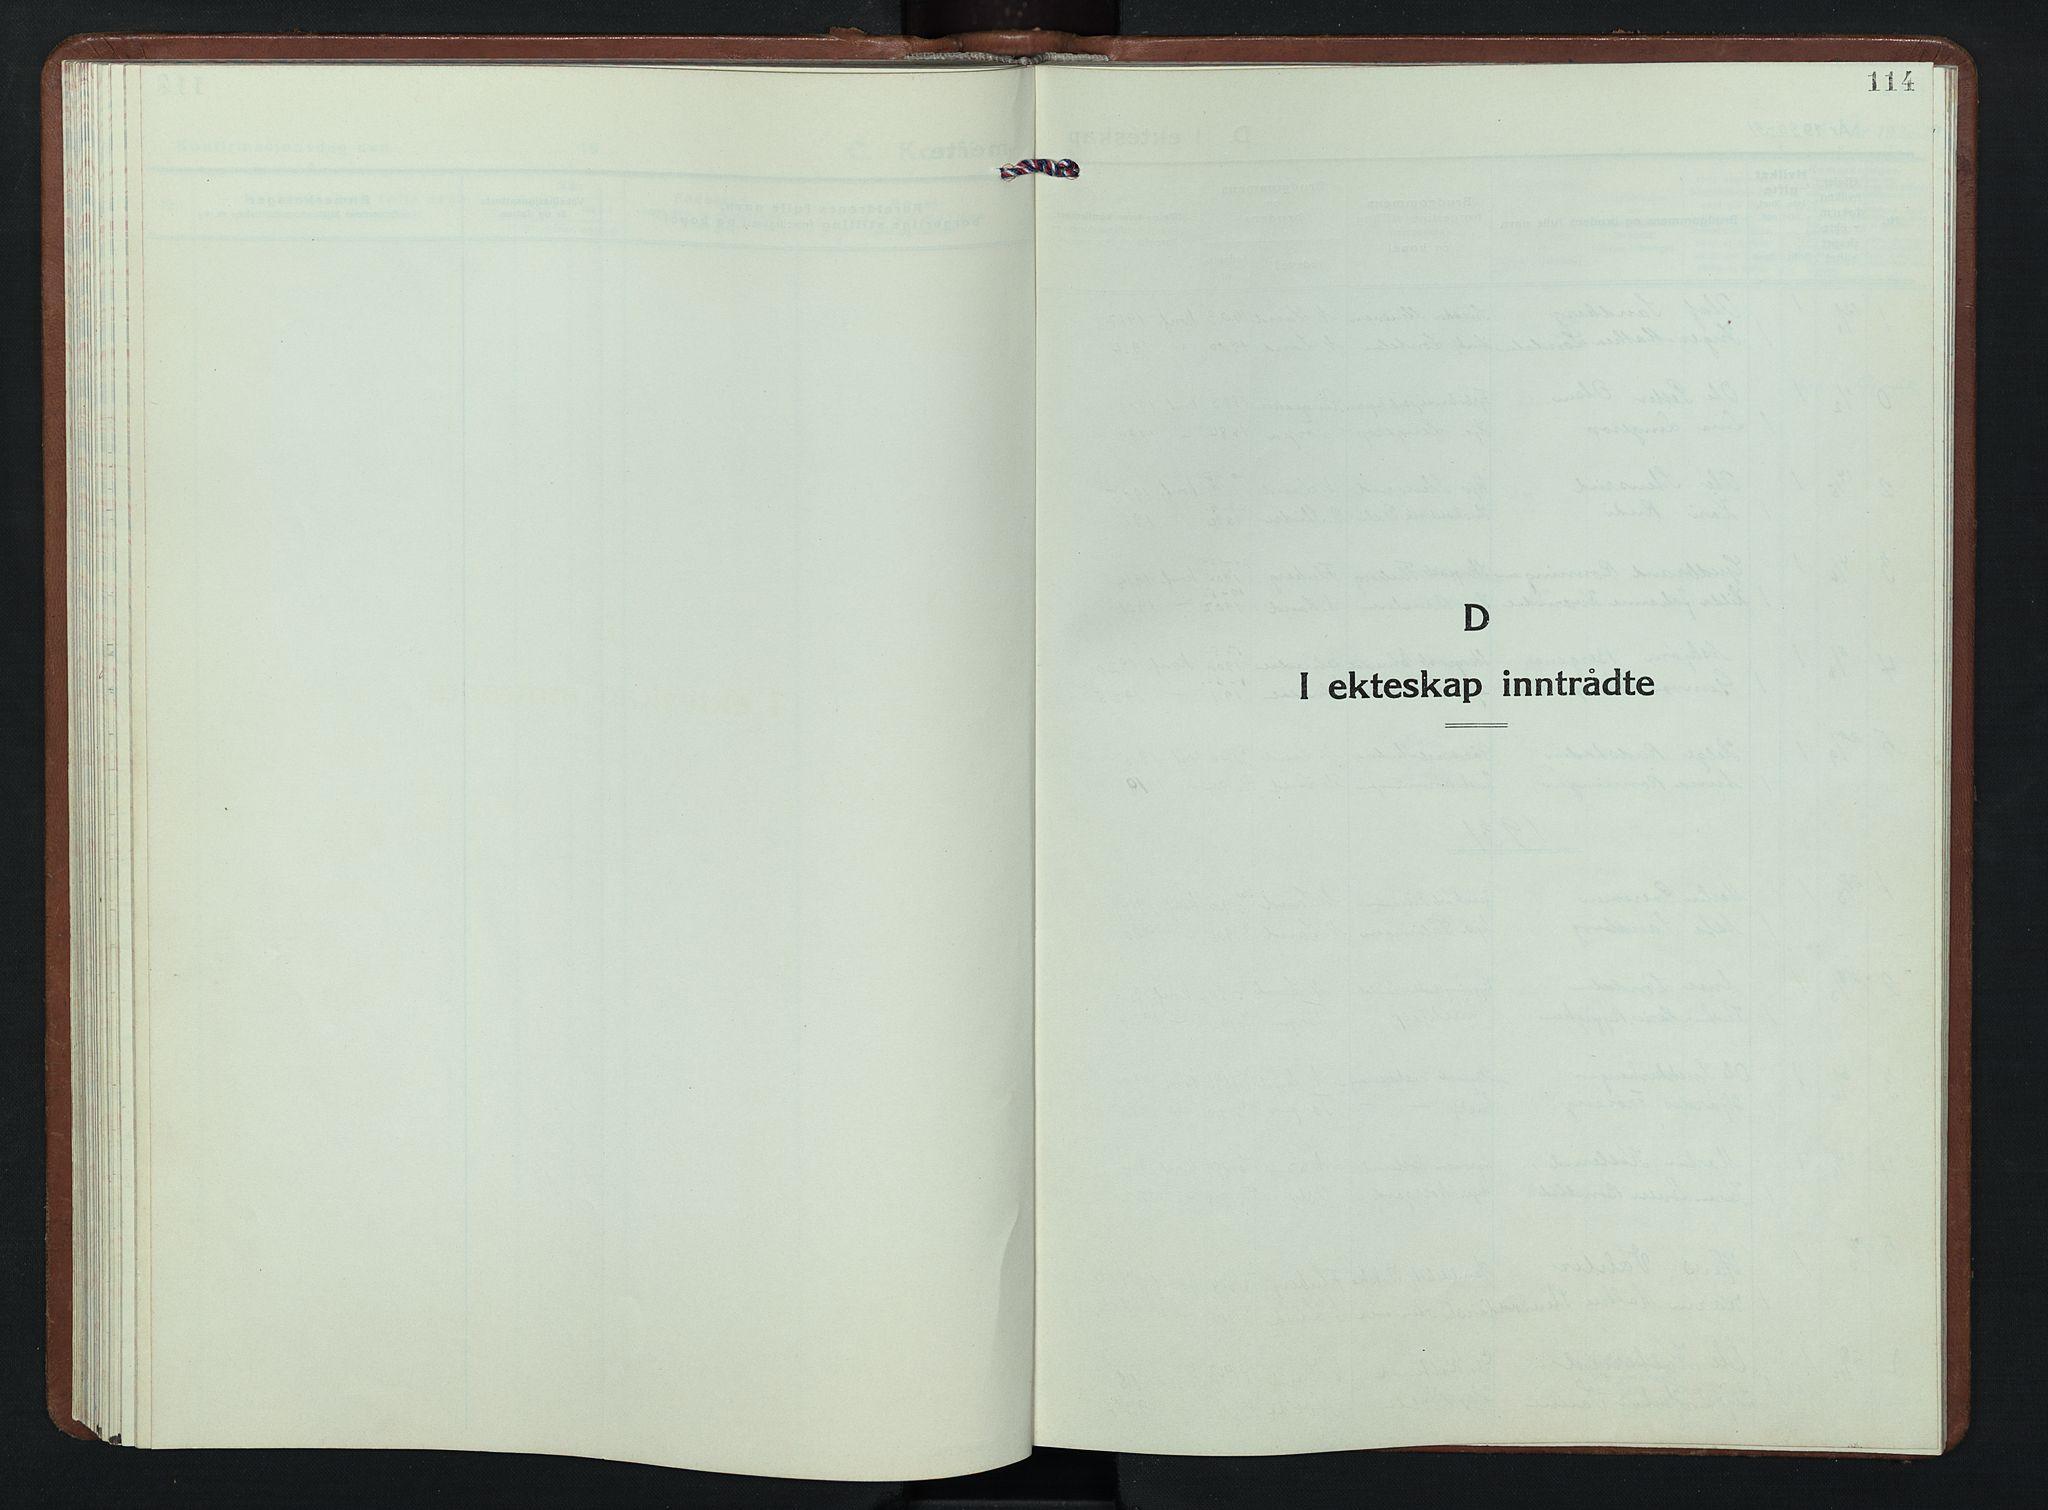 SAH, Nordre Land prestekontor, Klokkerbok nr. 7, 1930-1953, s. 114